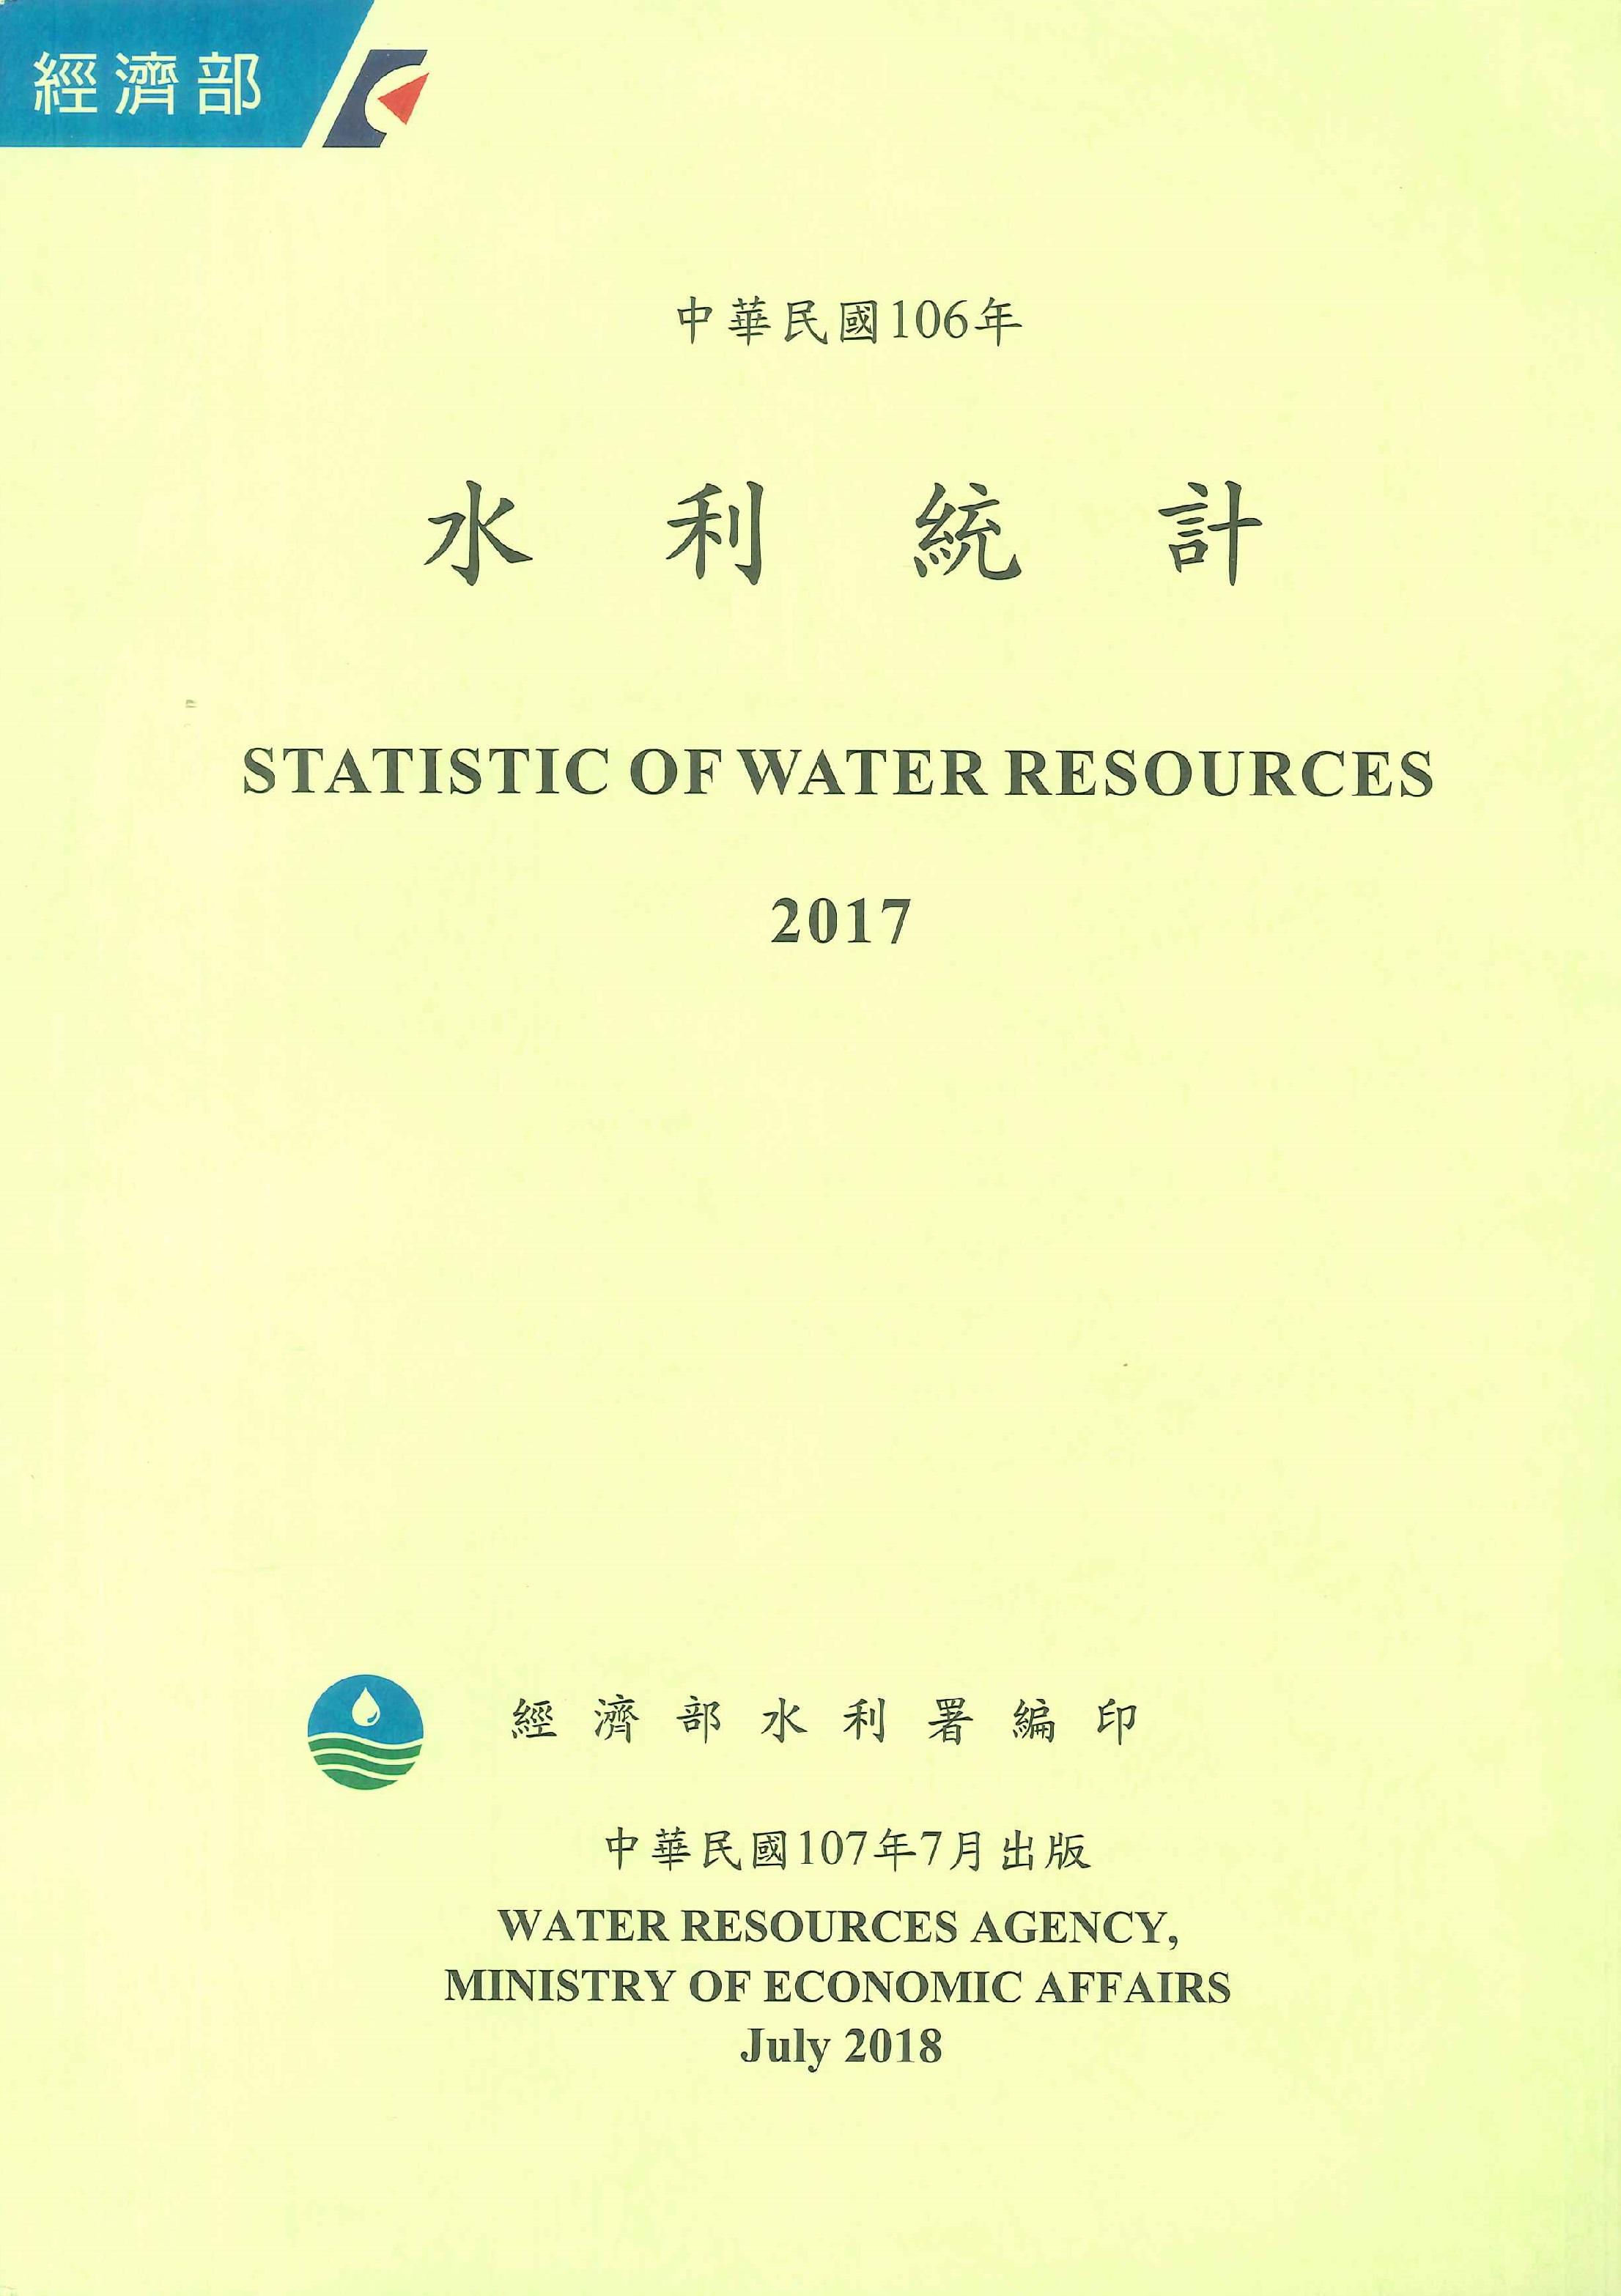 水利統計=Statistic of water resources